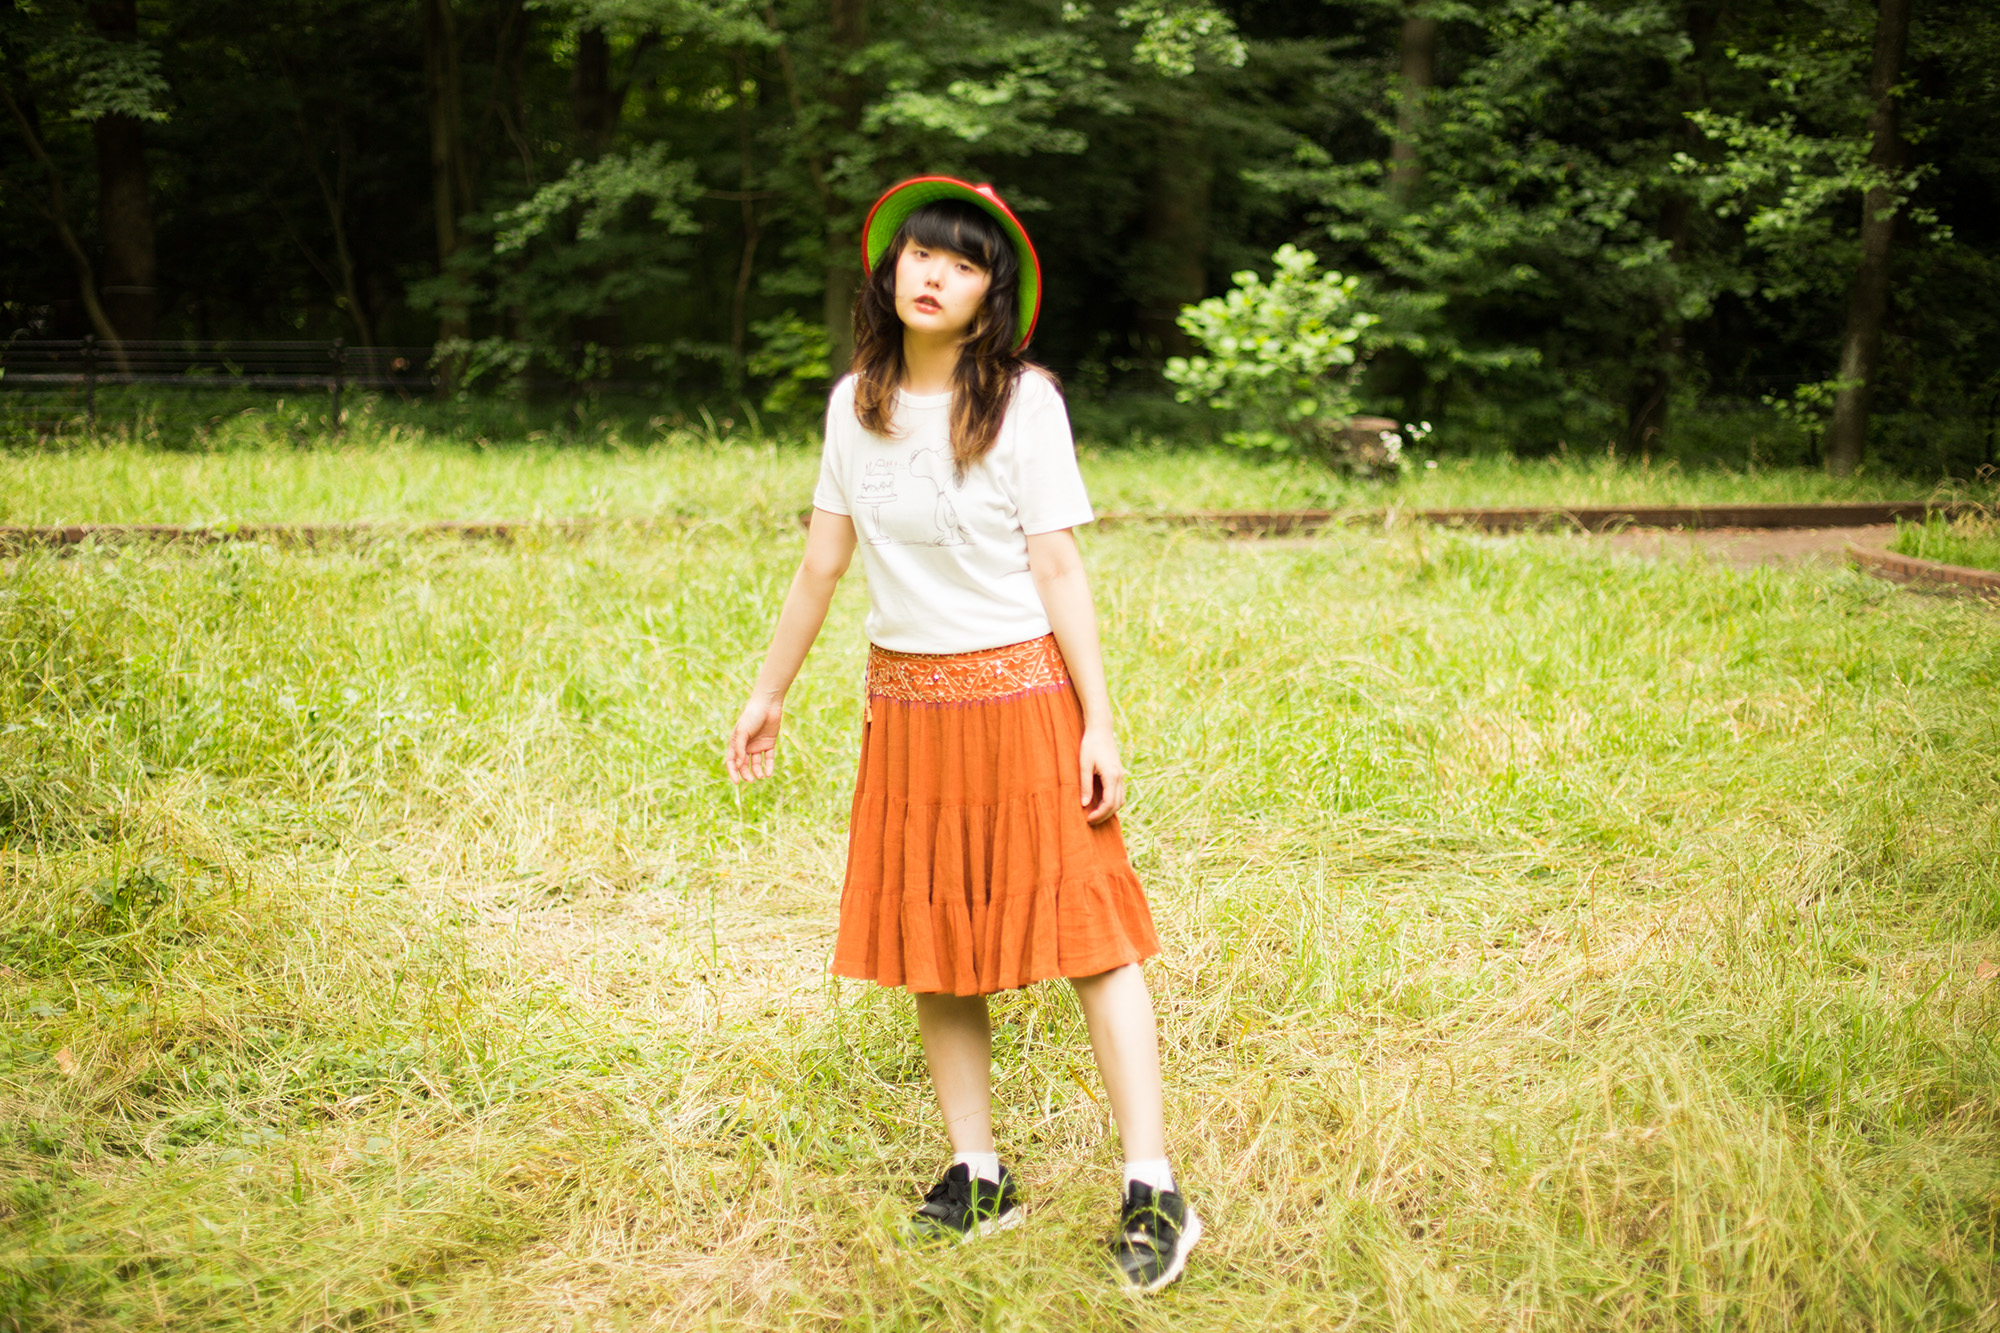 【フェスファッション】フジロックにも着ていきたい!2016年、夏フェスコーデ R7A3923